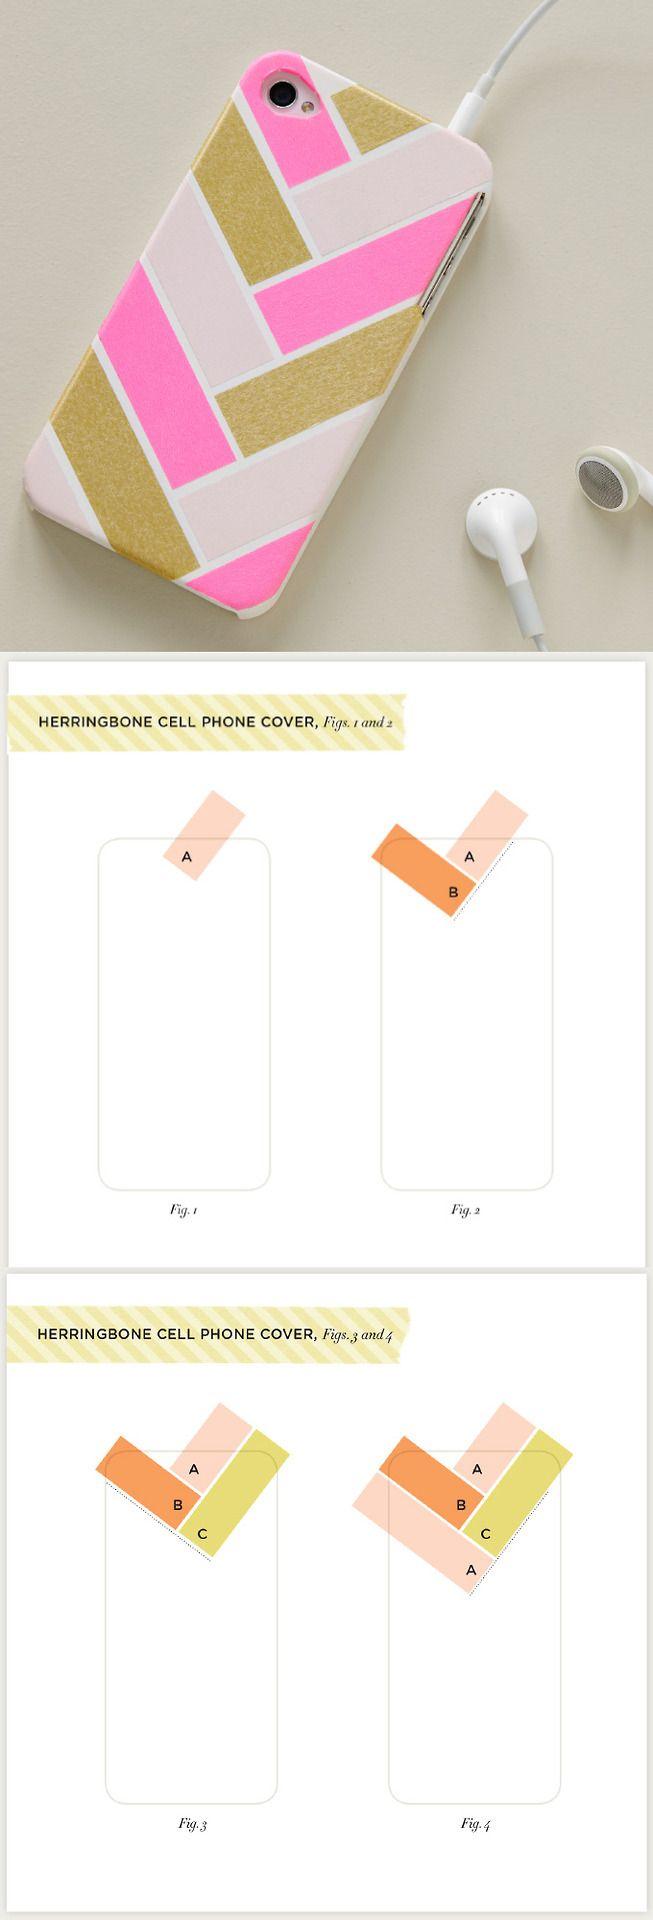 99 Washi Tape Ideen: Was können Sie damit dekorieren | Handyhüllen ...